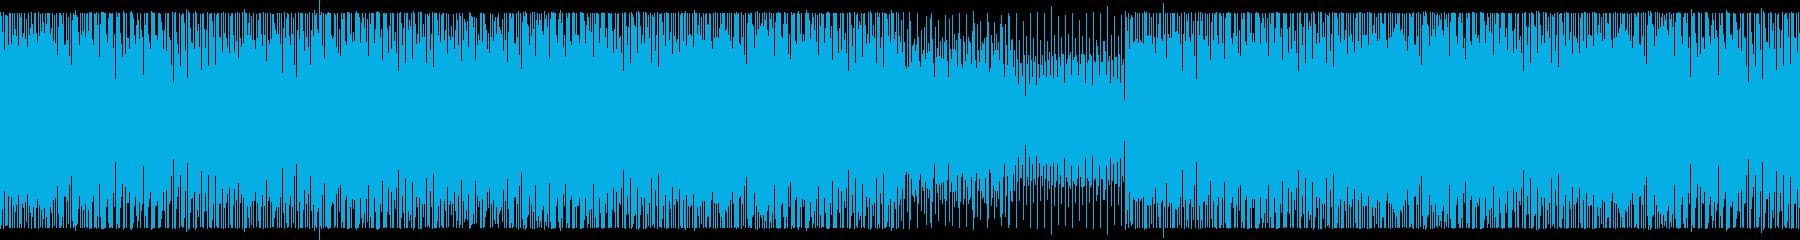 不協和音を取り入れたテクノの再生済みの波形